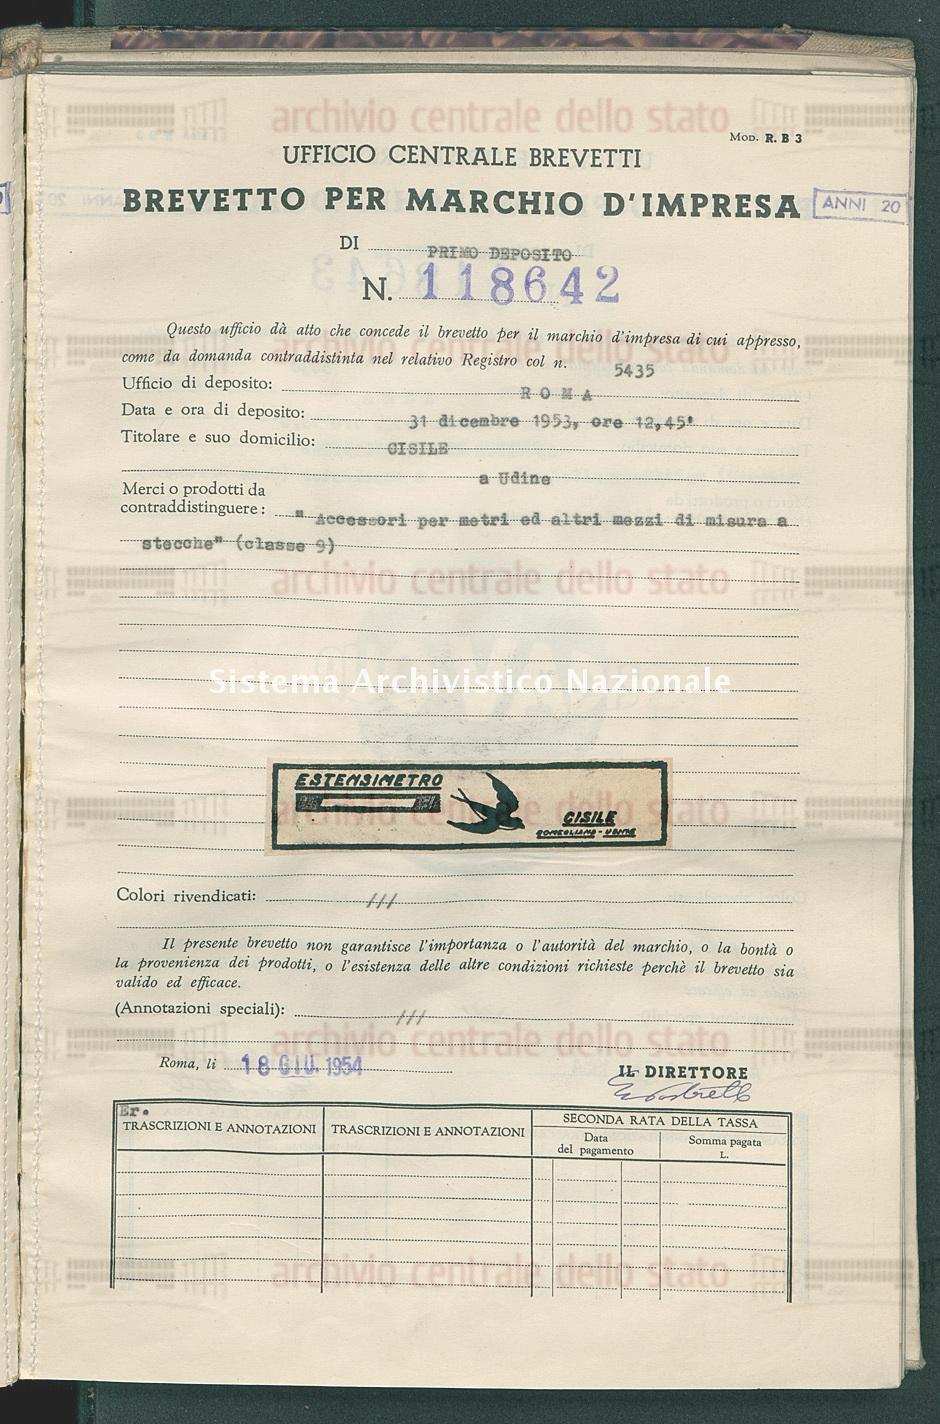 'Accessori per metri ed altri mezzi di misura a stecche' Cisile (18/06/1954)